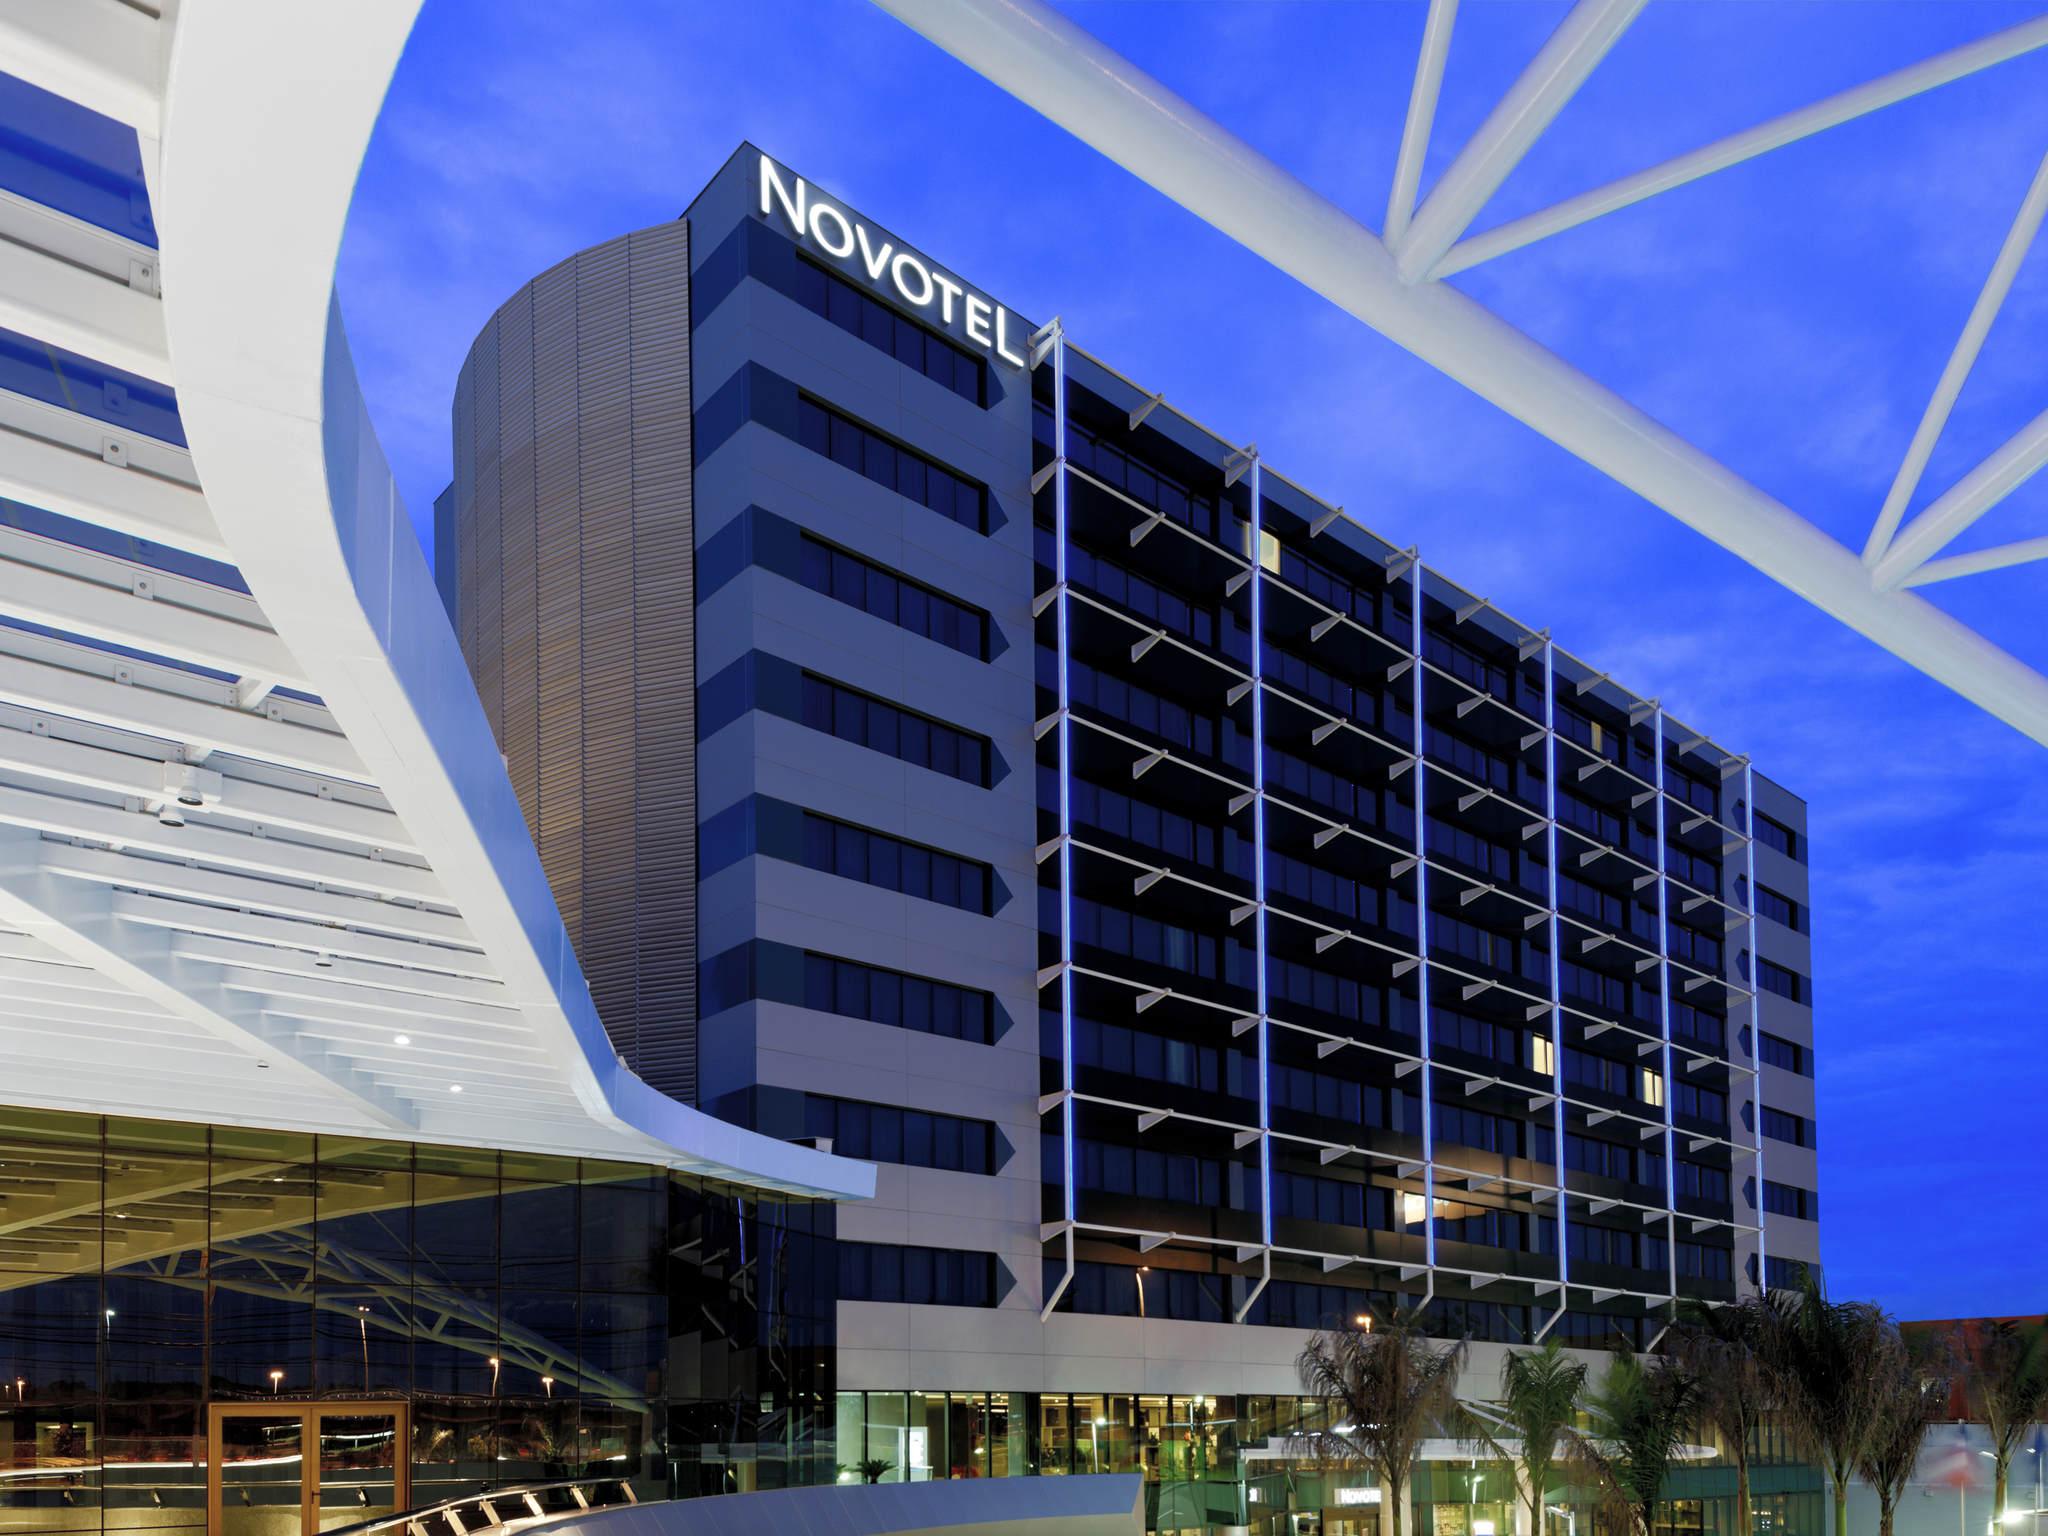 酒店 – 萨尔瓦多汉加诺富特酒店